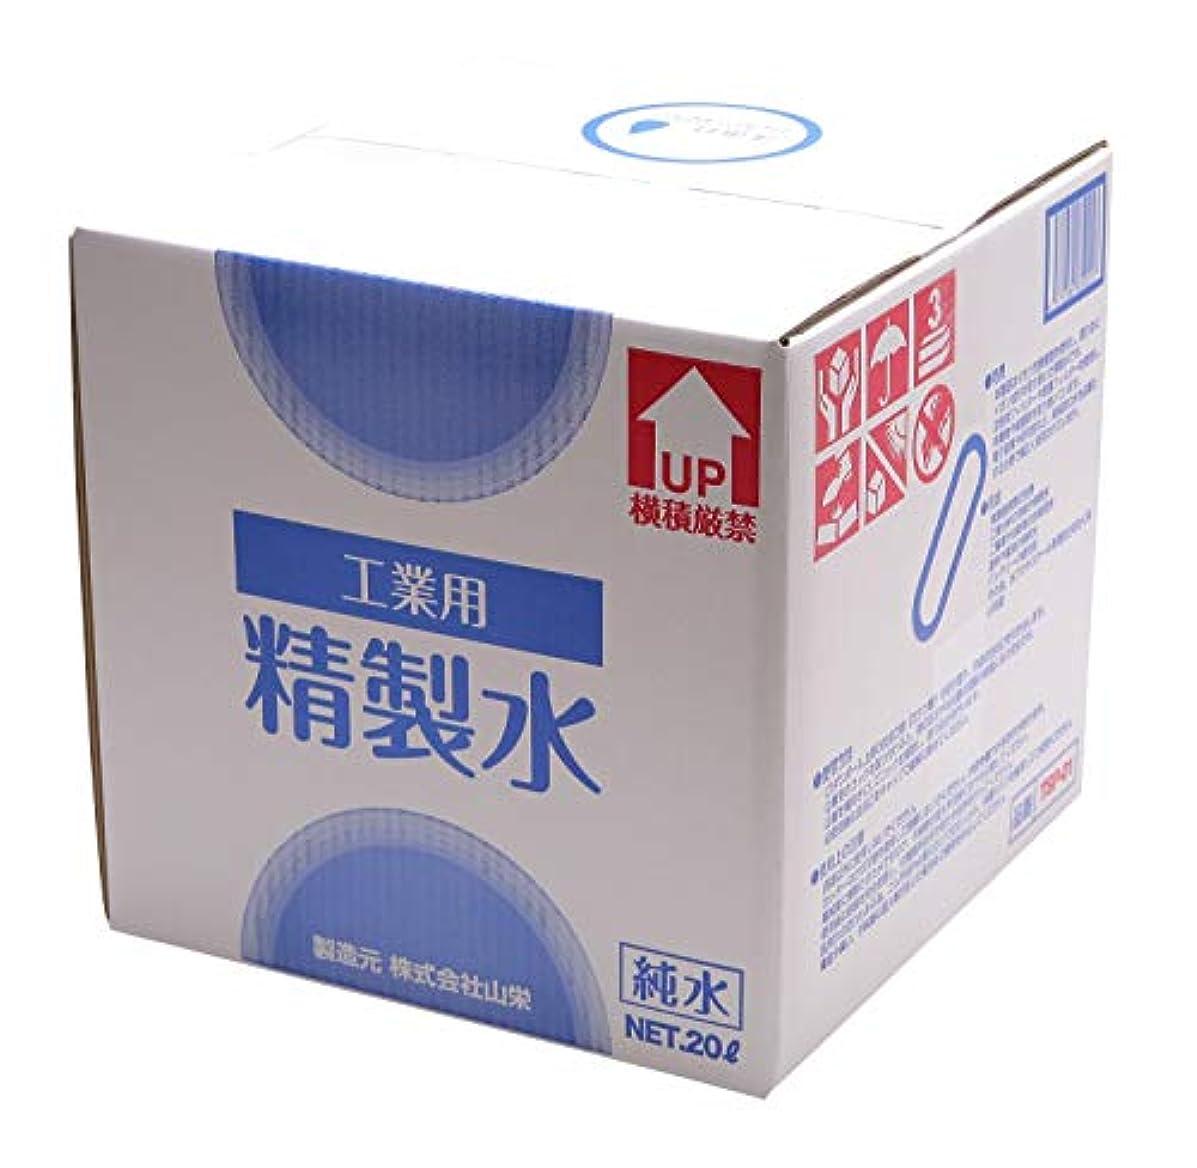 ケーブルファイター玉ねぎサンエイ化学 工業用精製水 純水 20L×10箱 コックなし 【スチーマー 加湿器 オートクレーブ エステ 美容 歯科】